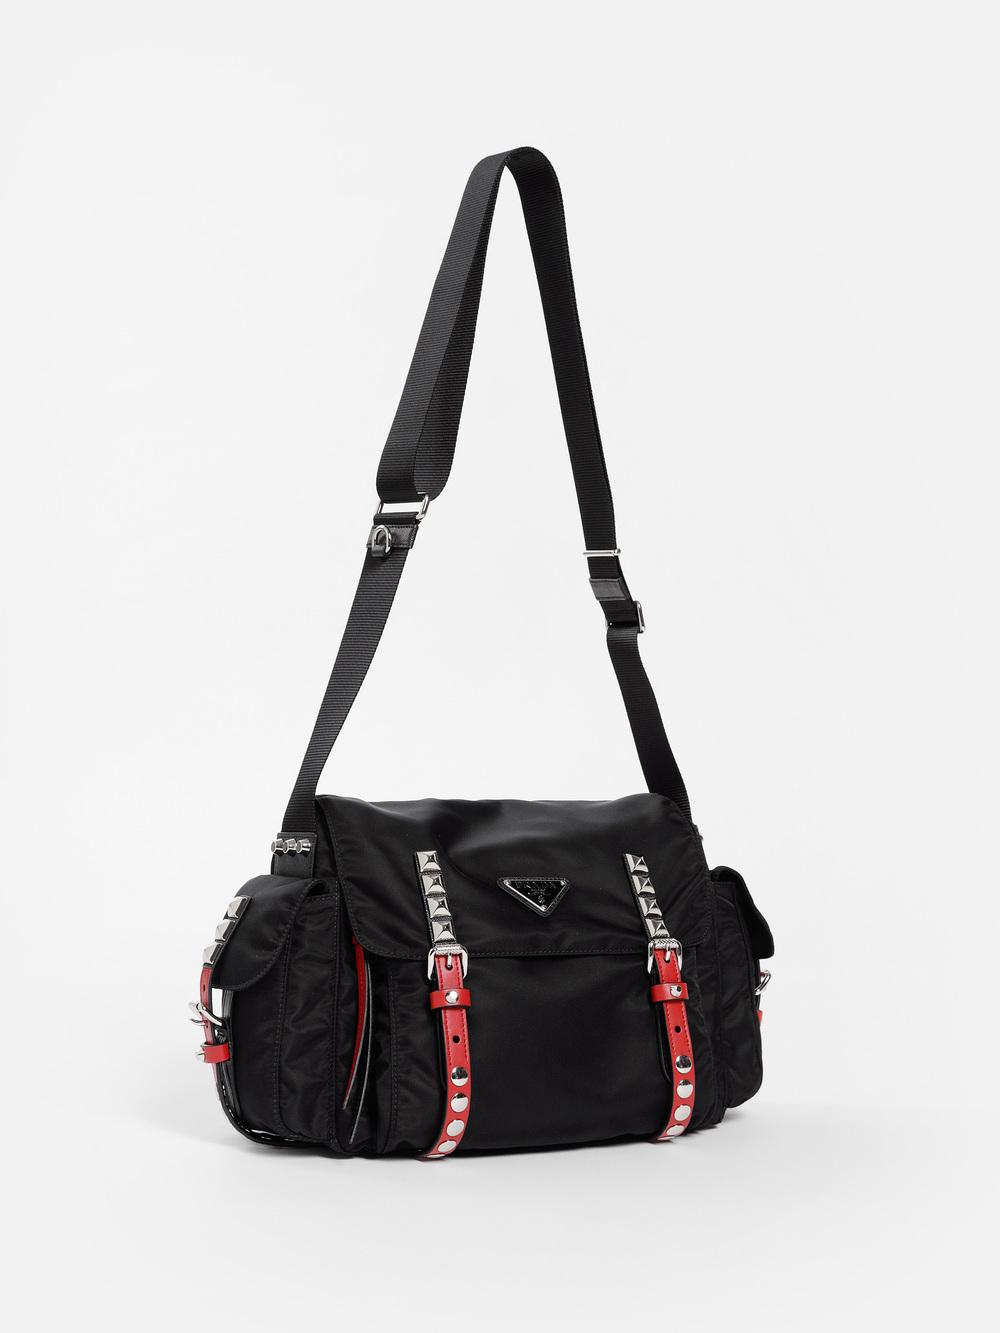 efce4fb846f5 Prada Women s Black Nylon Studded Messenger Bag